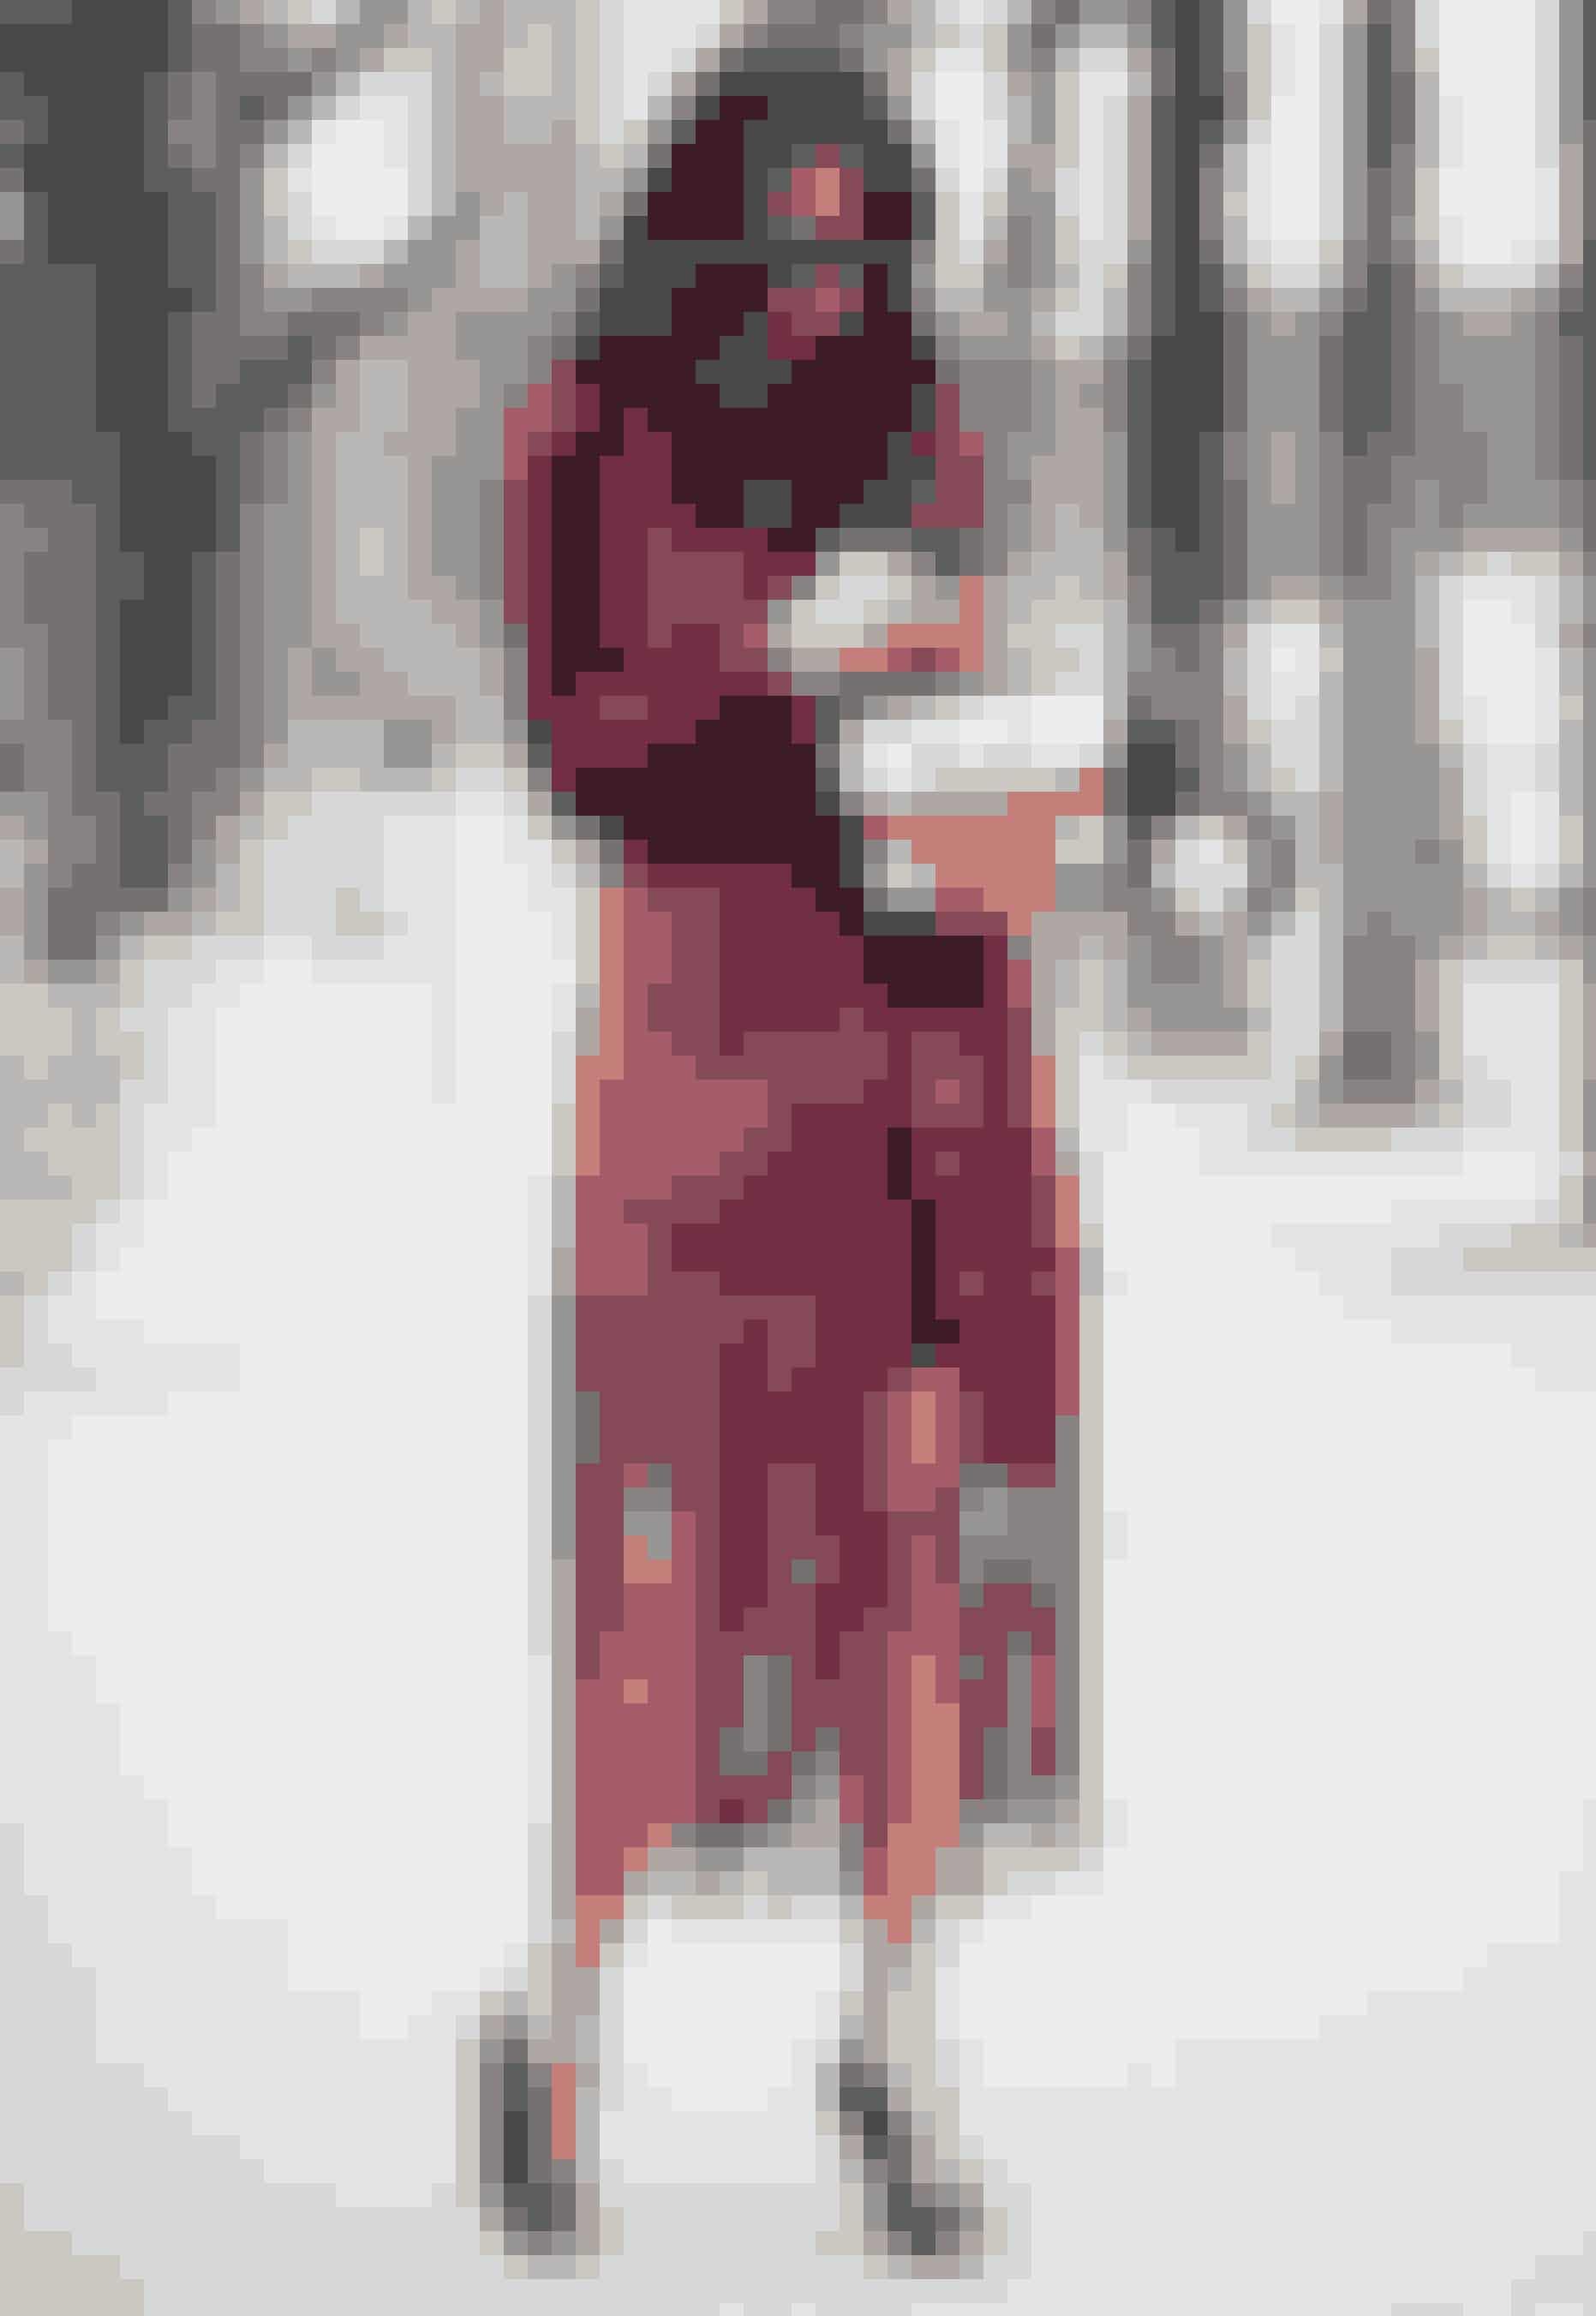 Gå de kolde tider stilsikkert i møde, når ELLE guider dig til sæsonens bedste frakker, jakker og kapper!